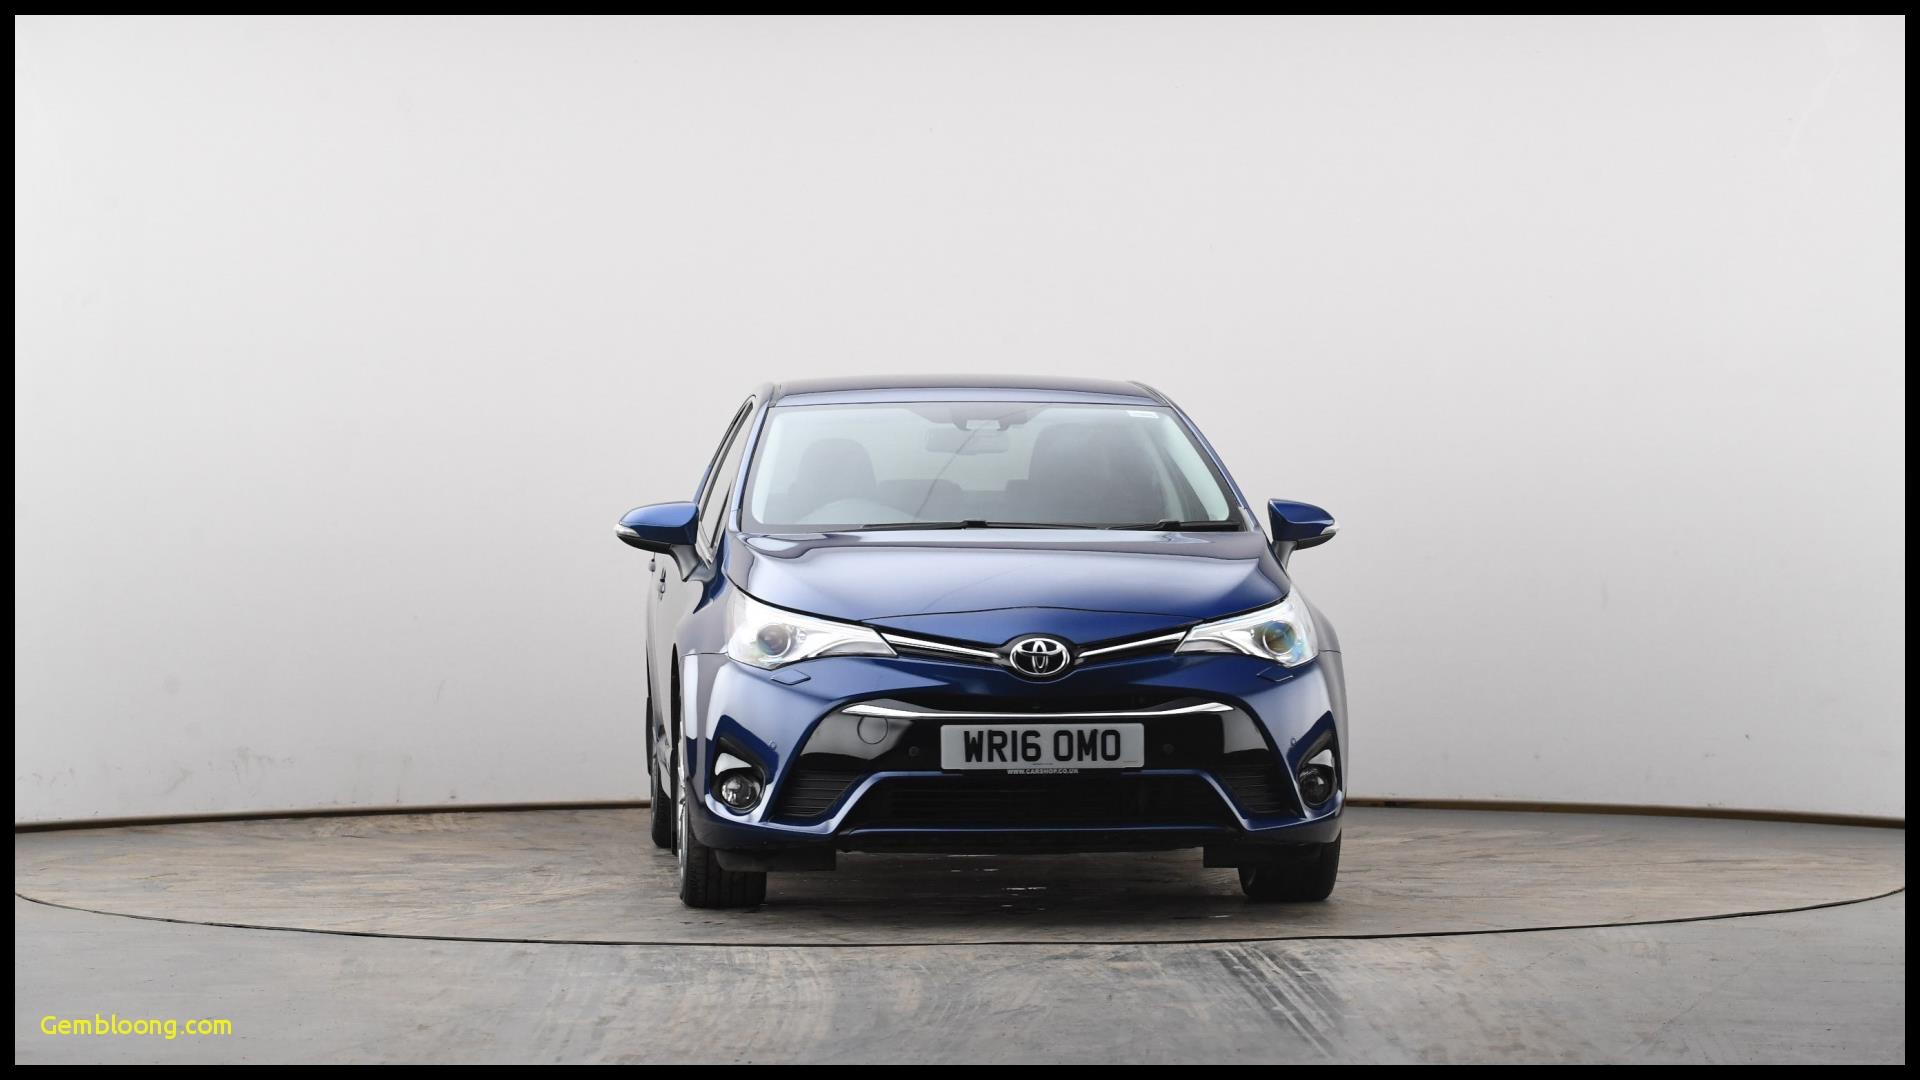 Price Yaris 2019 2019 toyota Yaris 2016 toyota Yaris Lovely Used toyota Avensis 2 0d